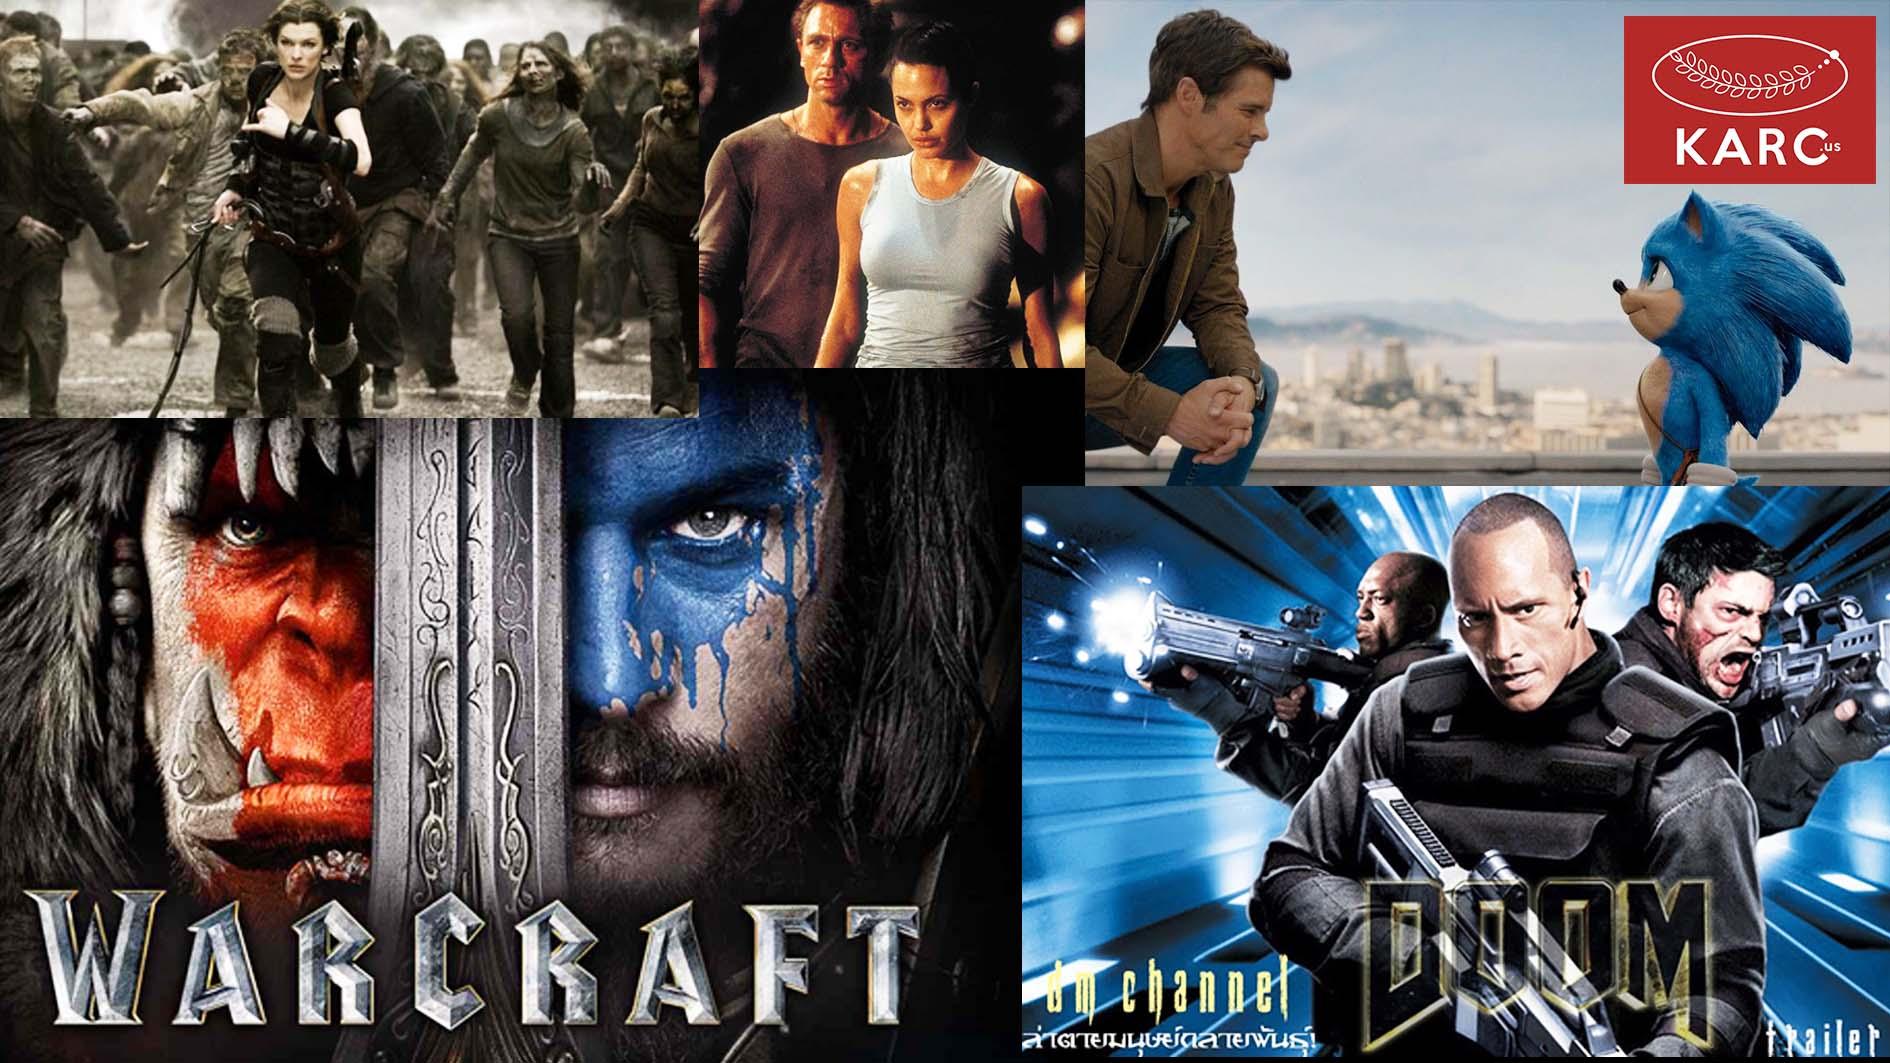 ก่อนที่ Sonic The HeadDog จะเข้าโรงเราลองมาย้อนดูหนังที่สร้างจากเกมกัน.. karc.us , วงการภาพยนต์ , แนะนำหนังดี , แนะนำหนังน่าดูหนังน่าดู , รีวิวหนังใหม่ , ก่อนตายต้องได้ดู! , ข่าวดารา , ข่าวเด่นประเด็นร้อน , รีวิวหนังใหม่ , หนังดังในอดีต